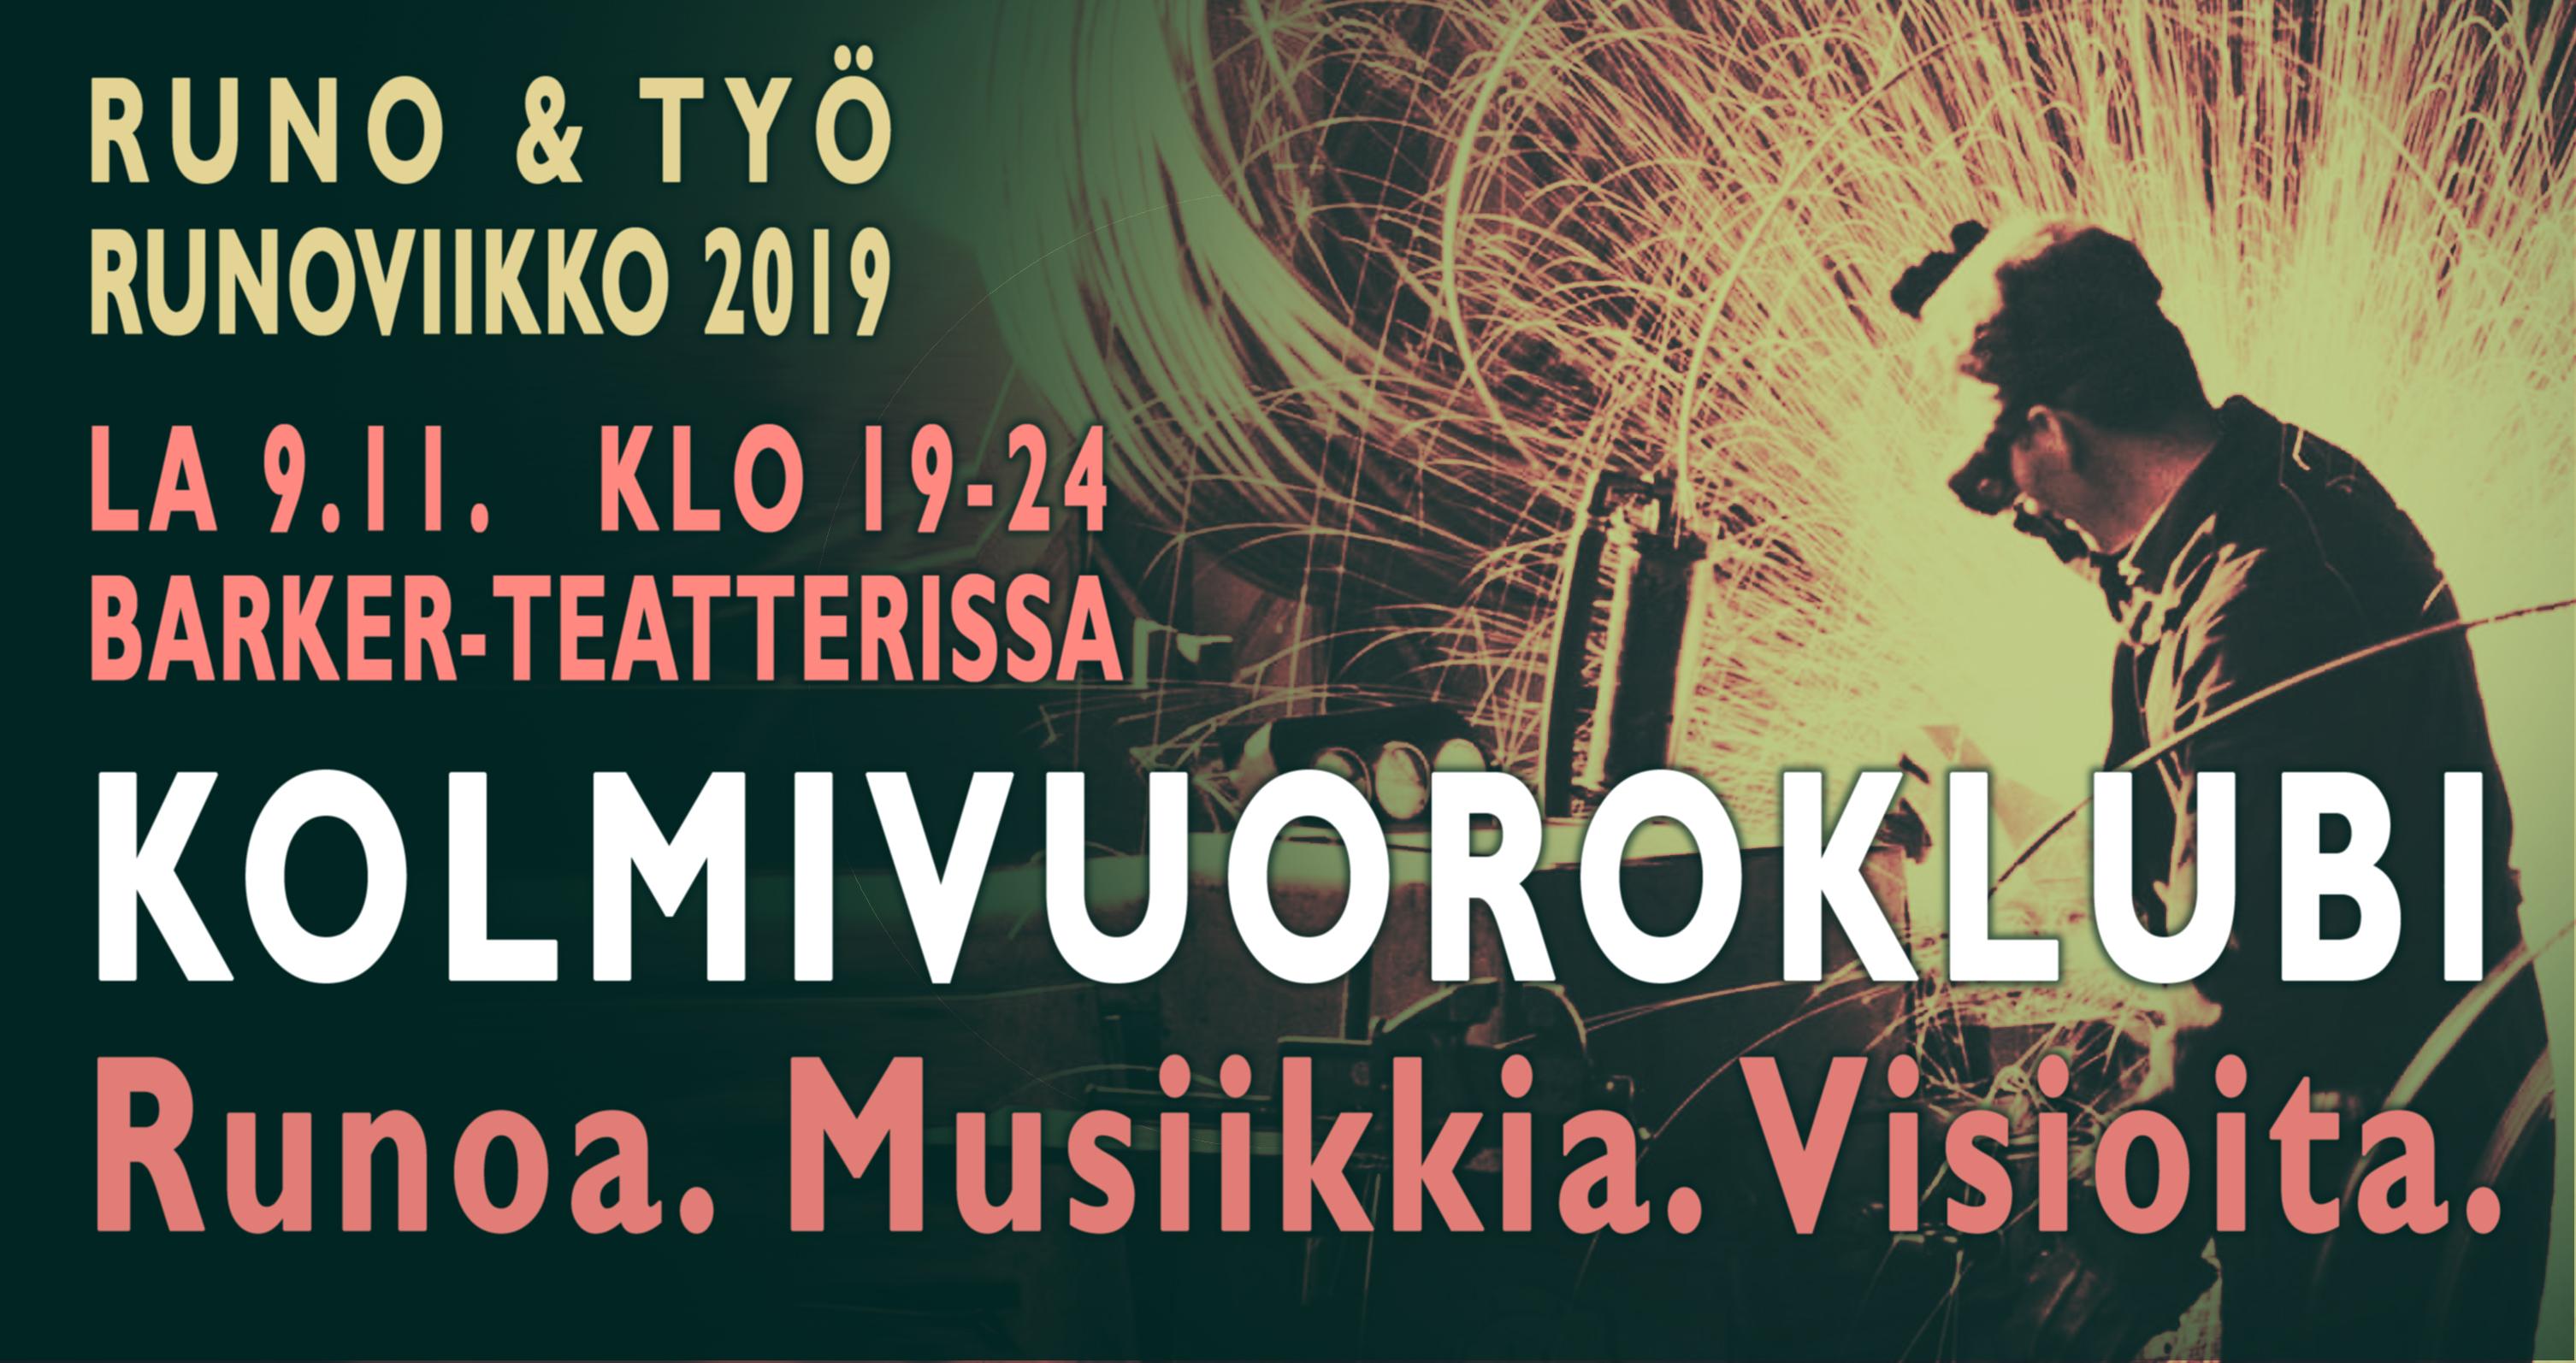 Runo & työ – festivaalin ohjelma 2019